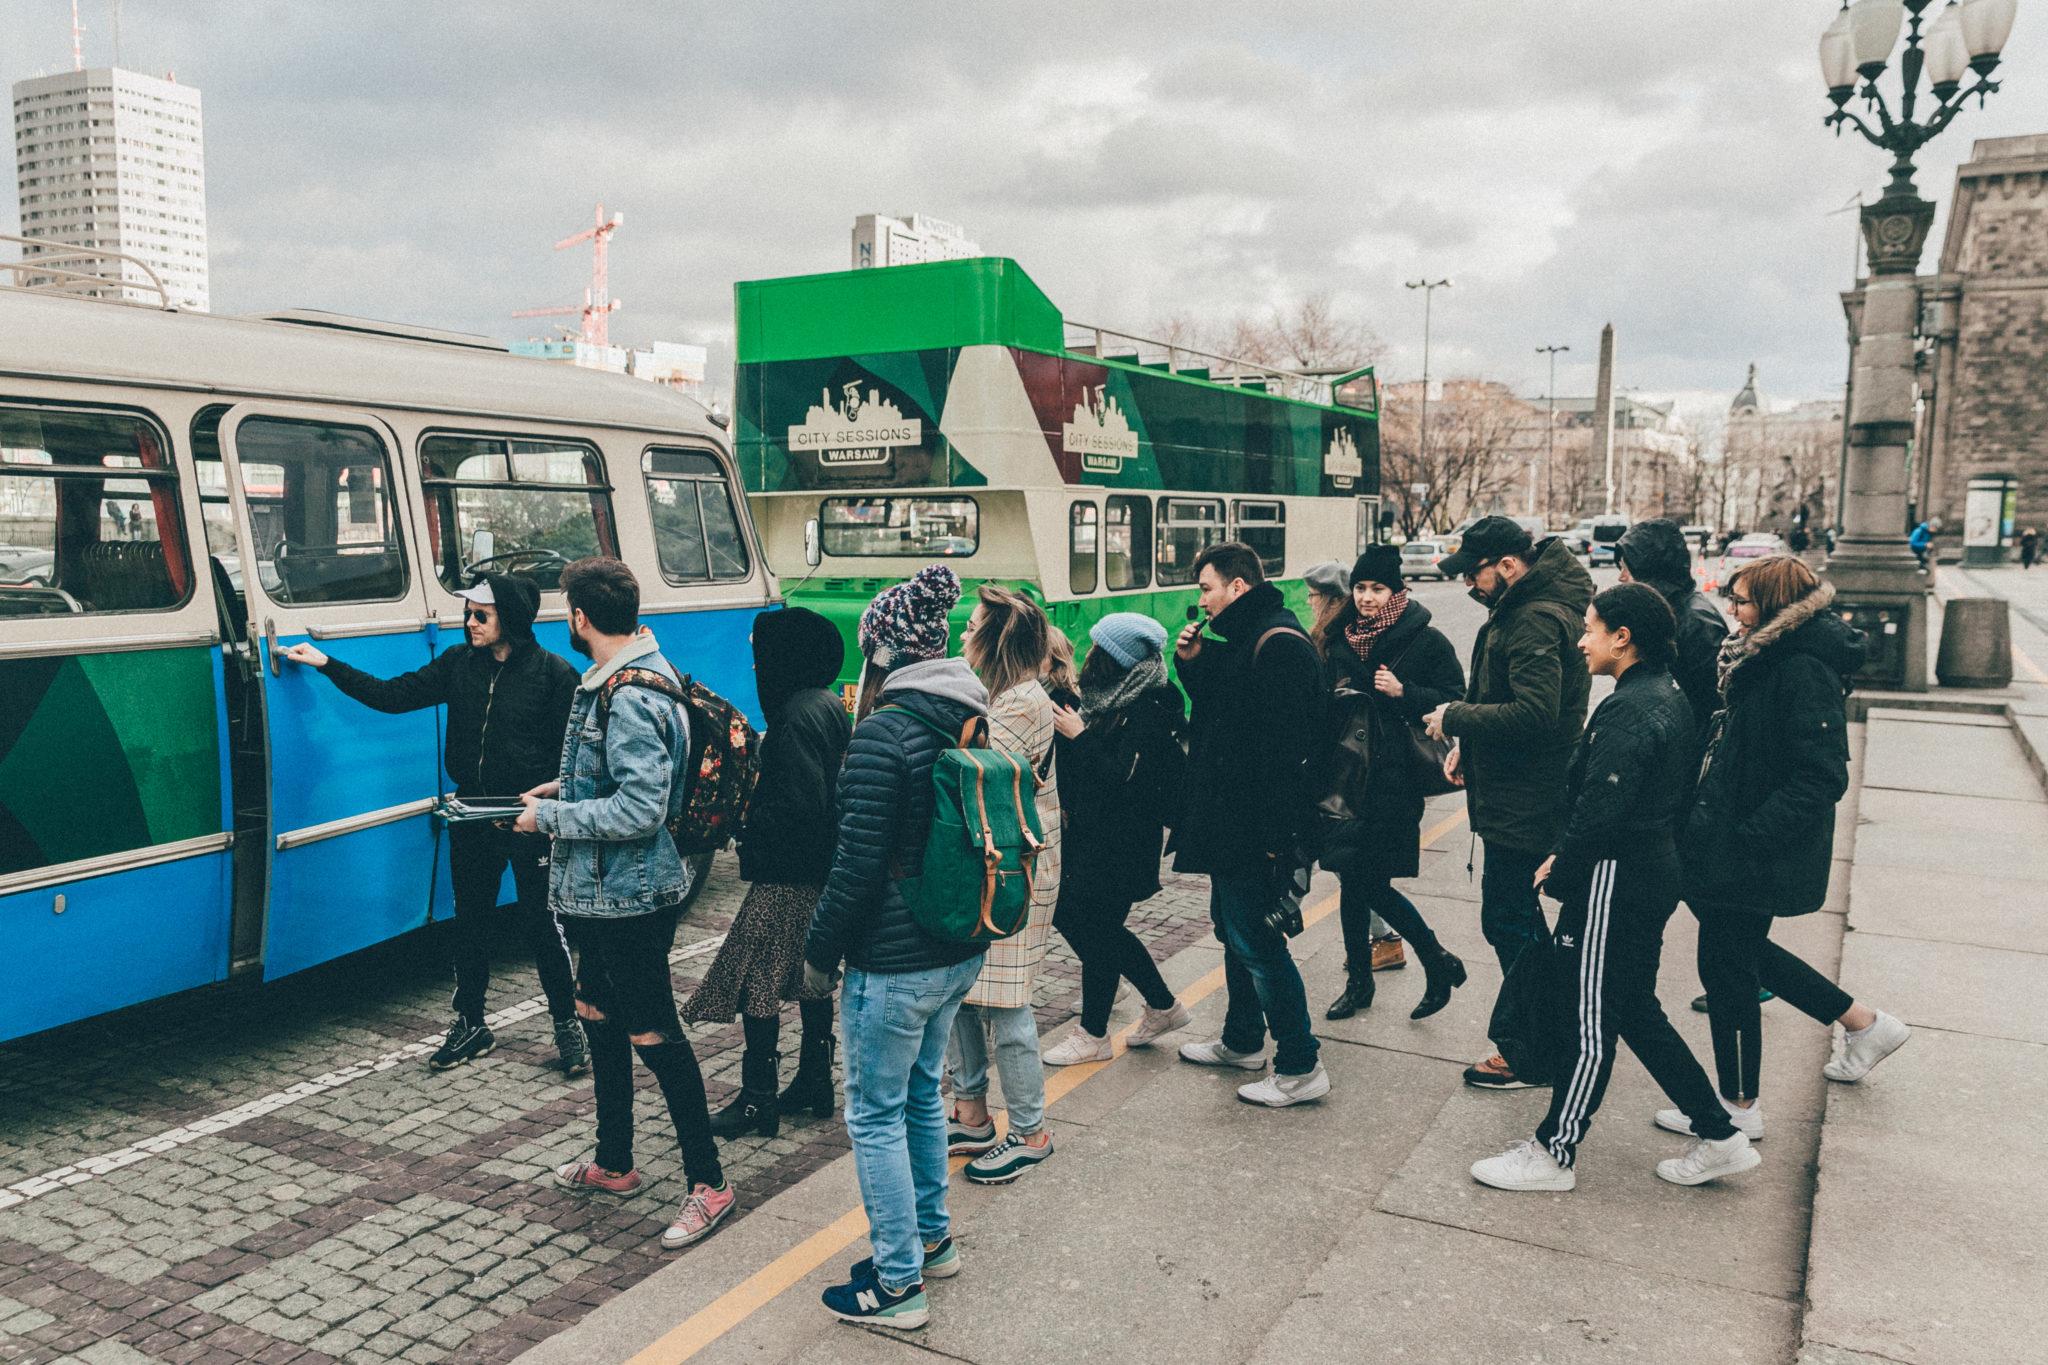 Grupa ludzi stojąca przed busem